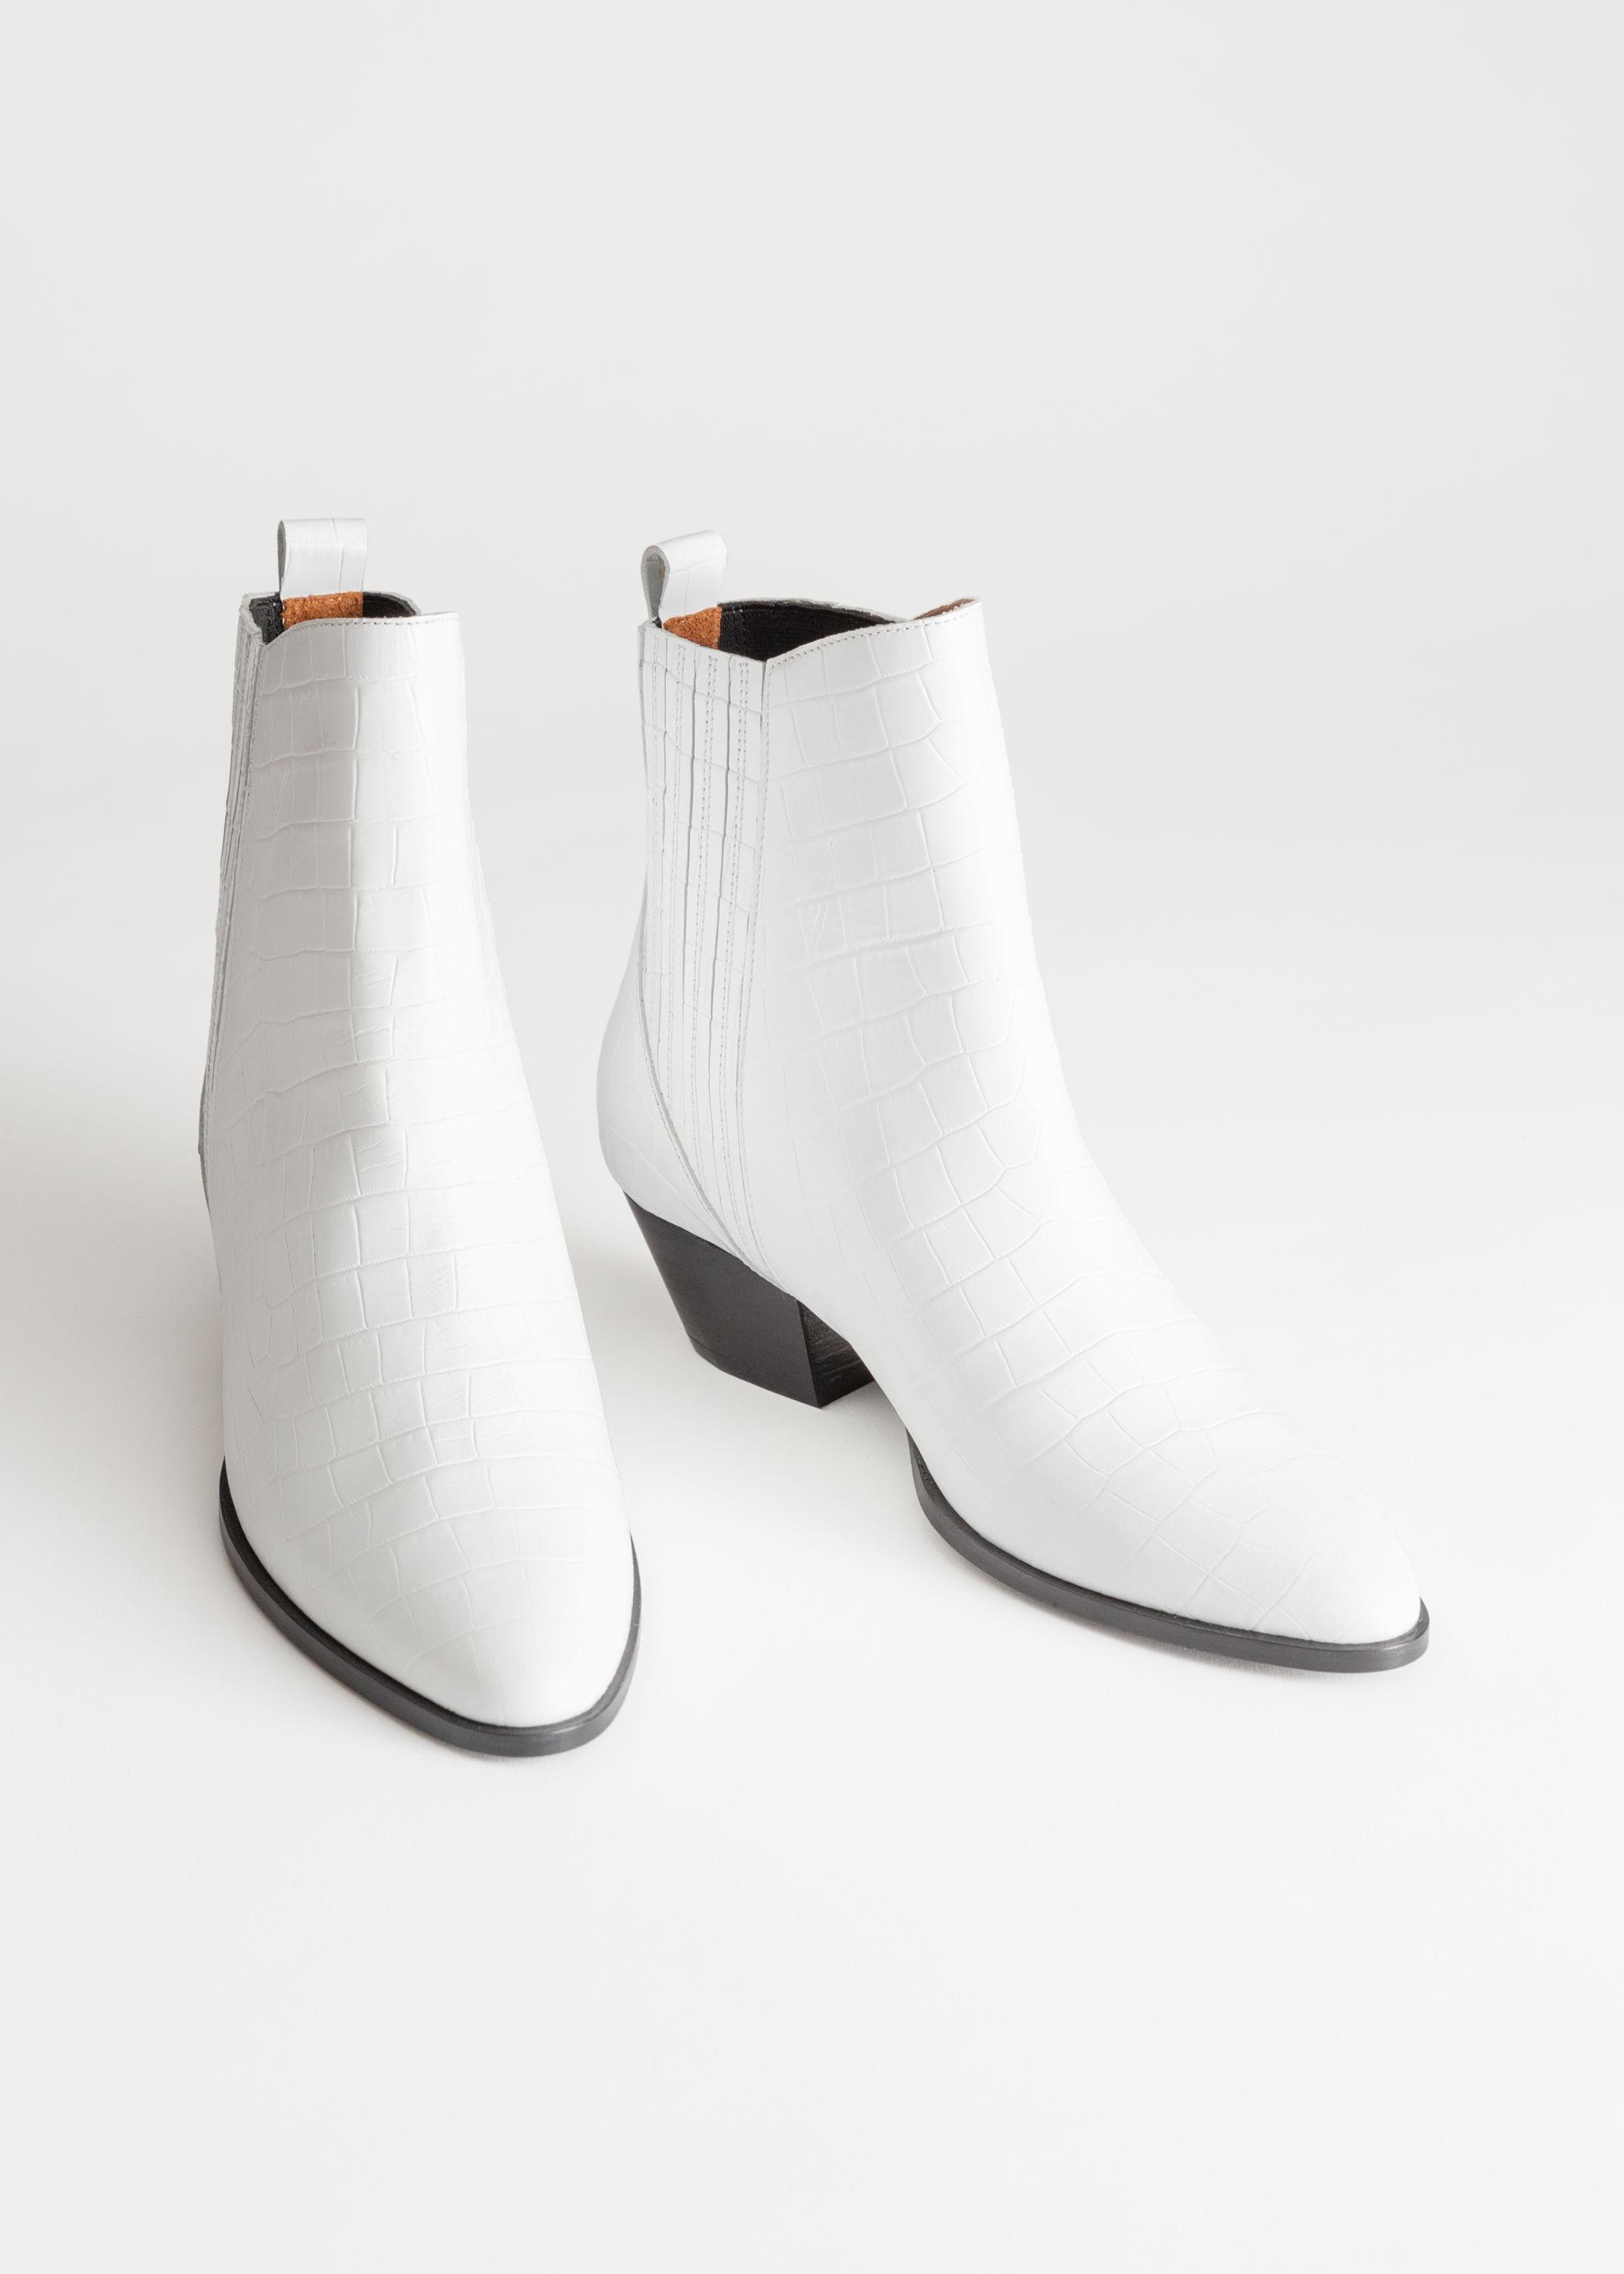 Les bottes de cow-boy